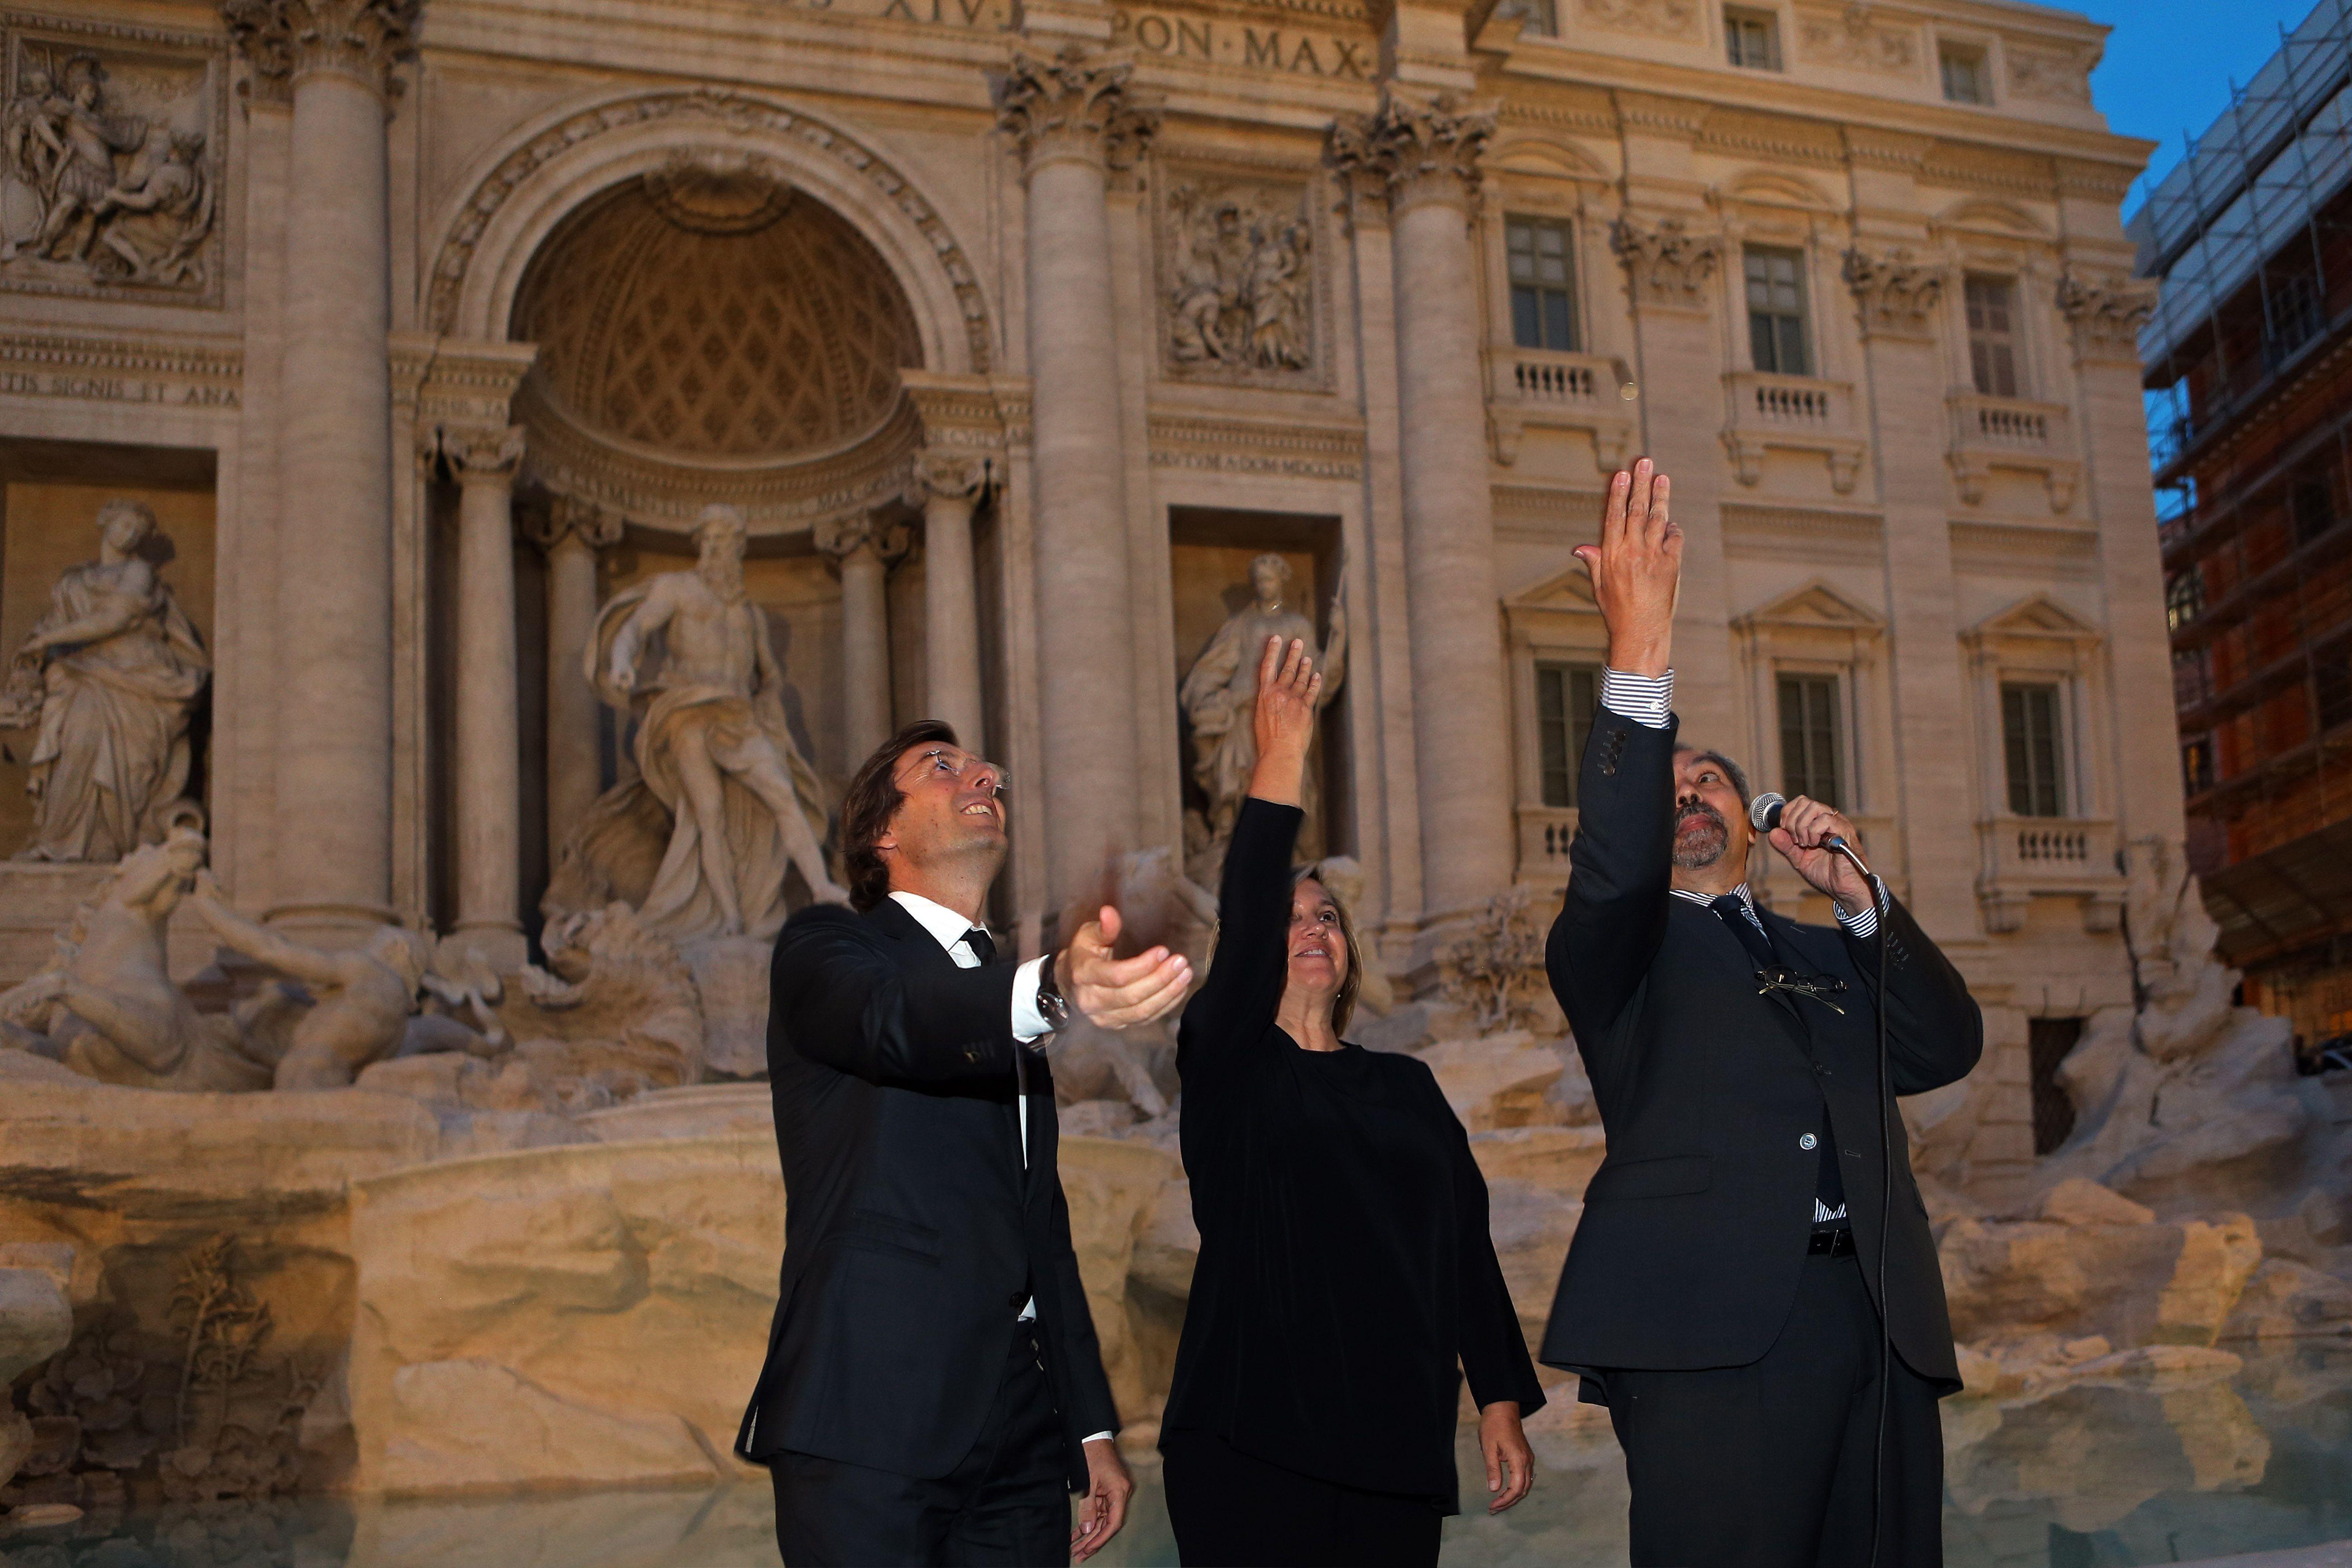 Pietro Beccari, Silvia Venturini Fendi and Claudio Parisi Presicce at the Trevi Fountain inauguration ceremony for the Fendi for Fountains project